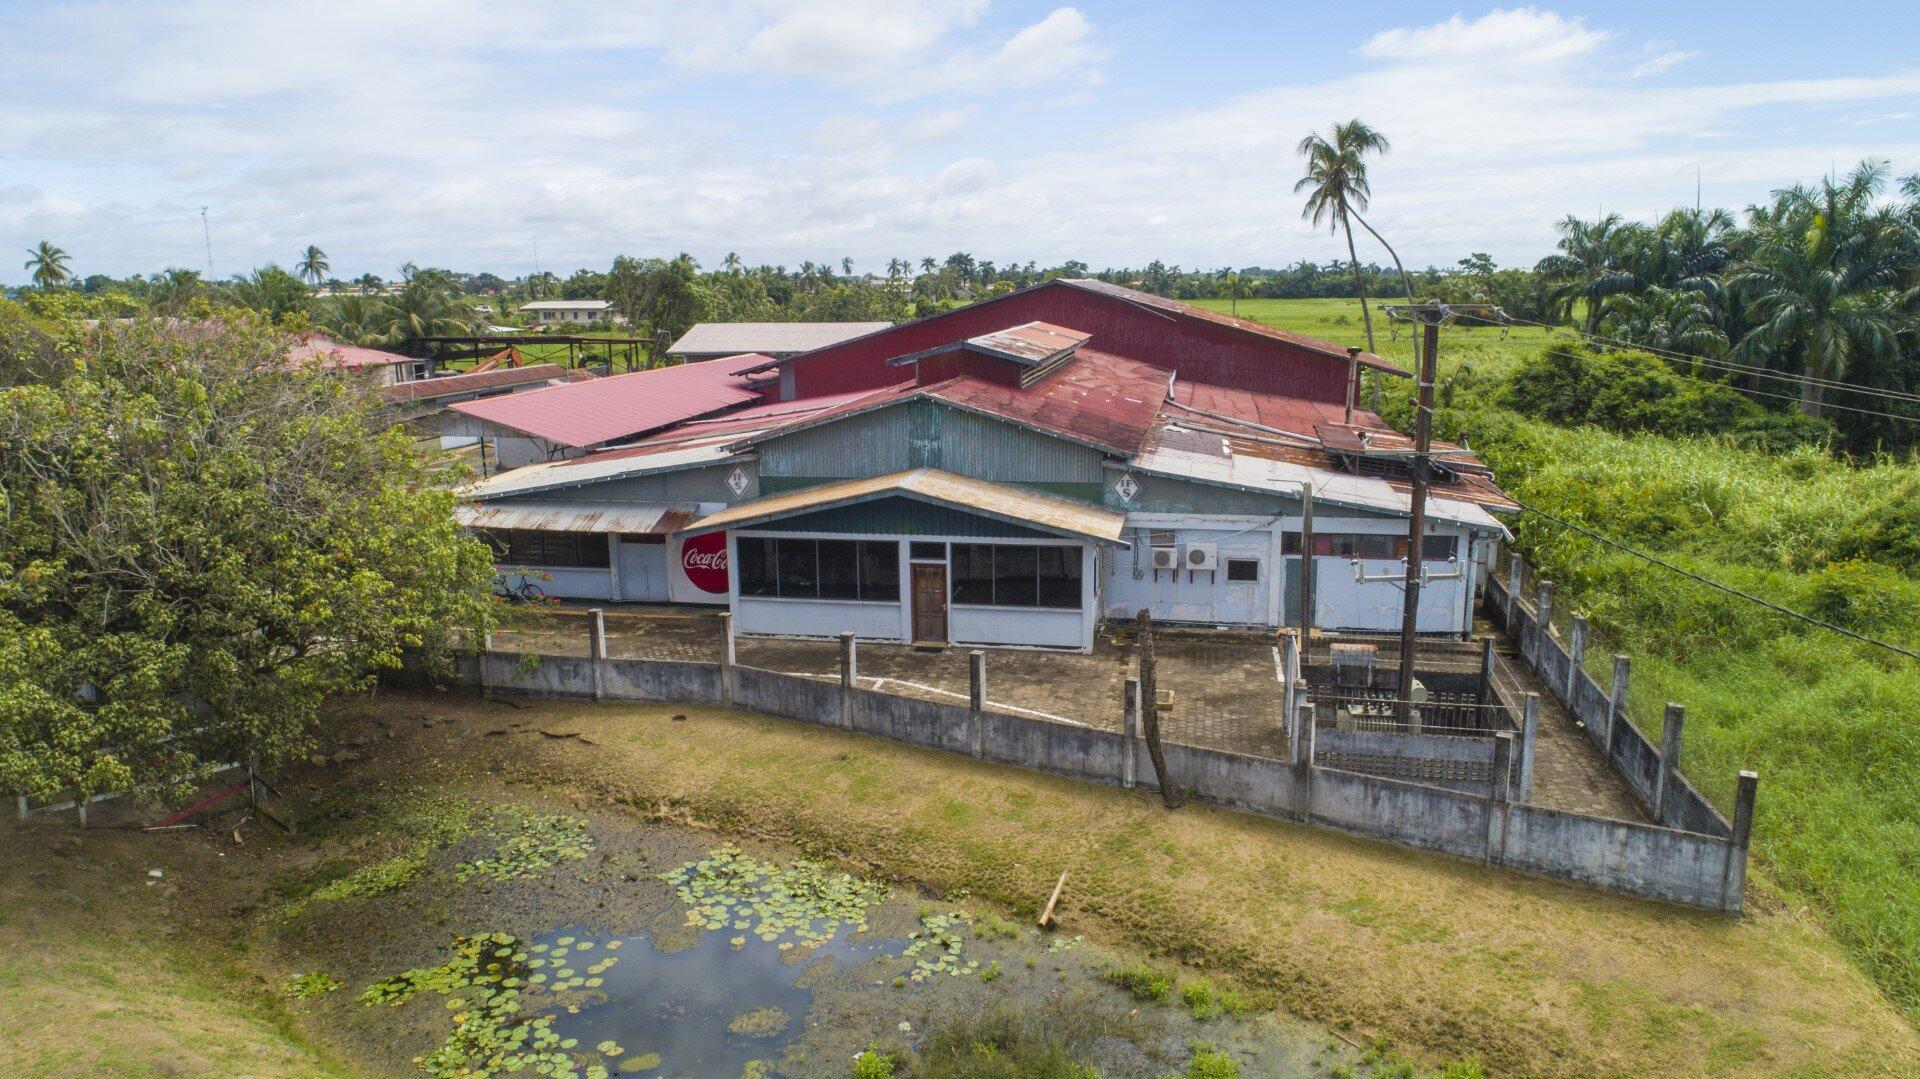 G.G. Maynardstraat, Nickerie - Kantoor- en productieruimte voor zakelijke doeleinden! - Surgoed Makelaardij NV - Paramaribo, Suriname